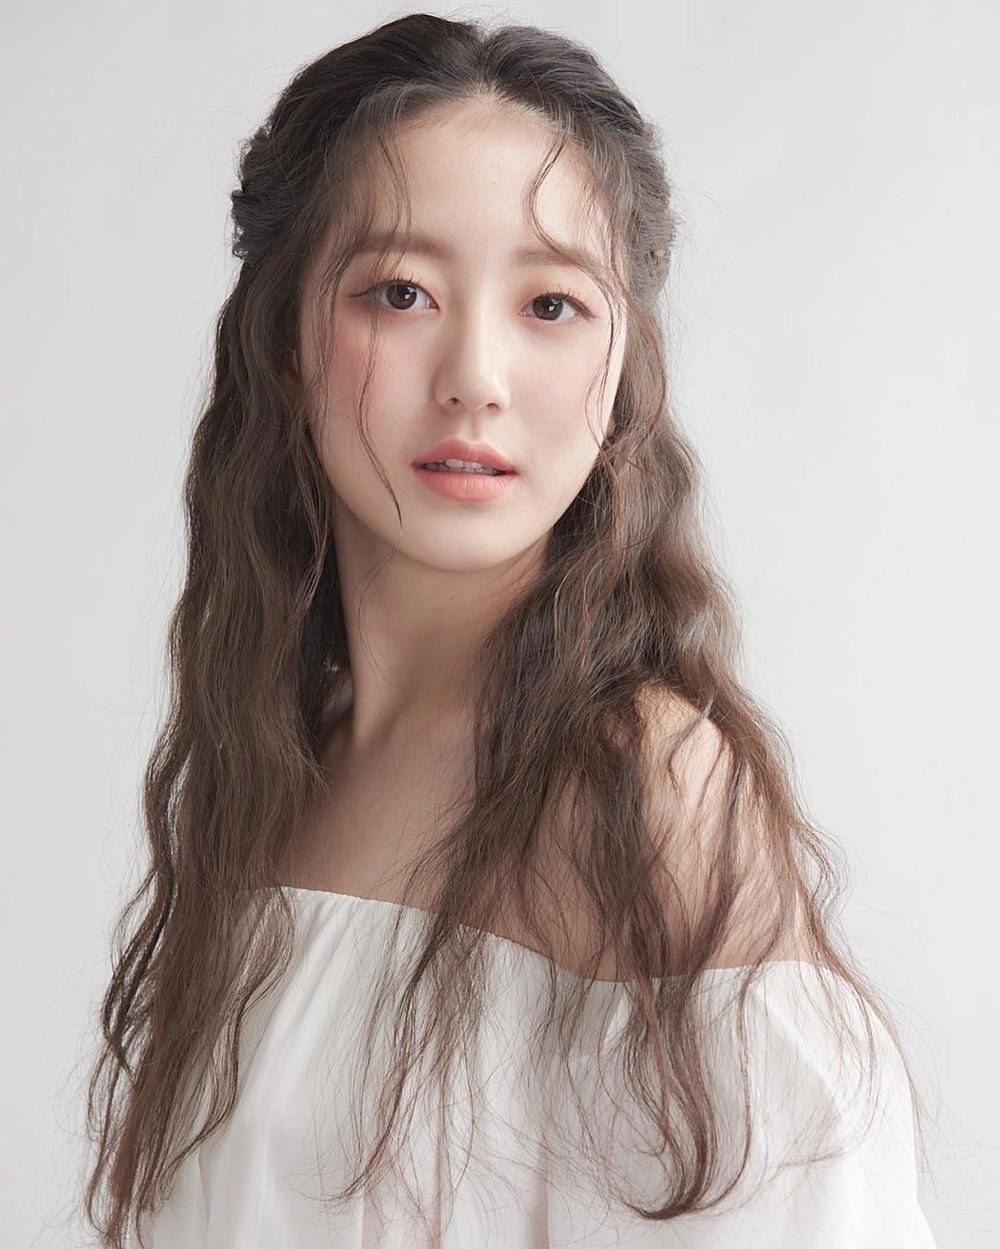 Á hậu 'chặt đẹp' nhan sắc Tân Hoa hậu Hàn Quốc 2020: Người tựa nàng thơ, kẻ như 'quái vật thẩm mỹ' Ảnh 18